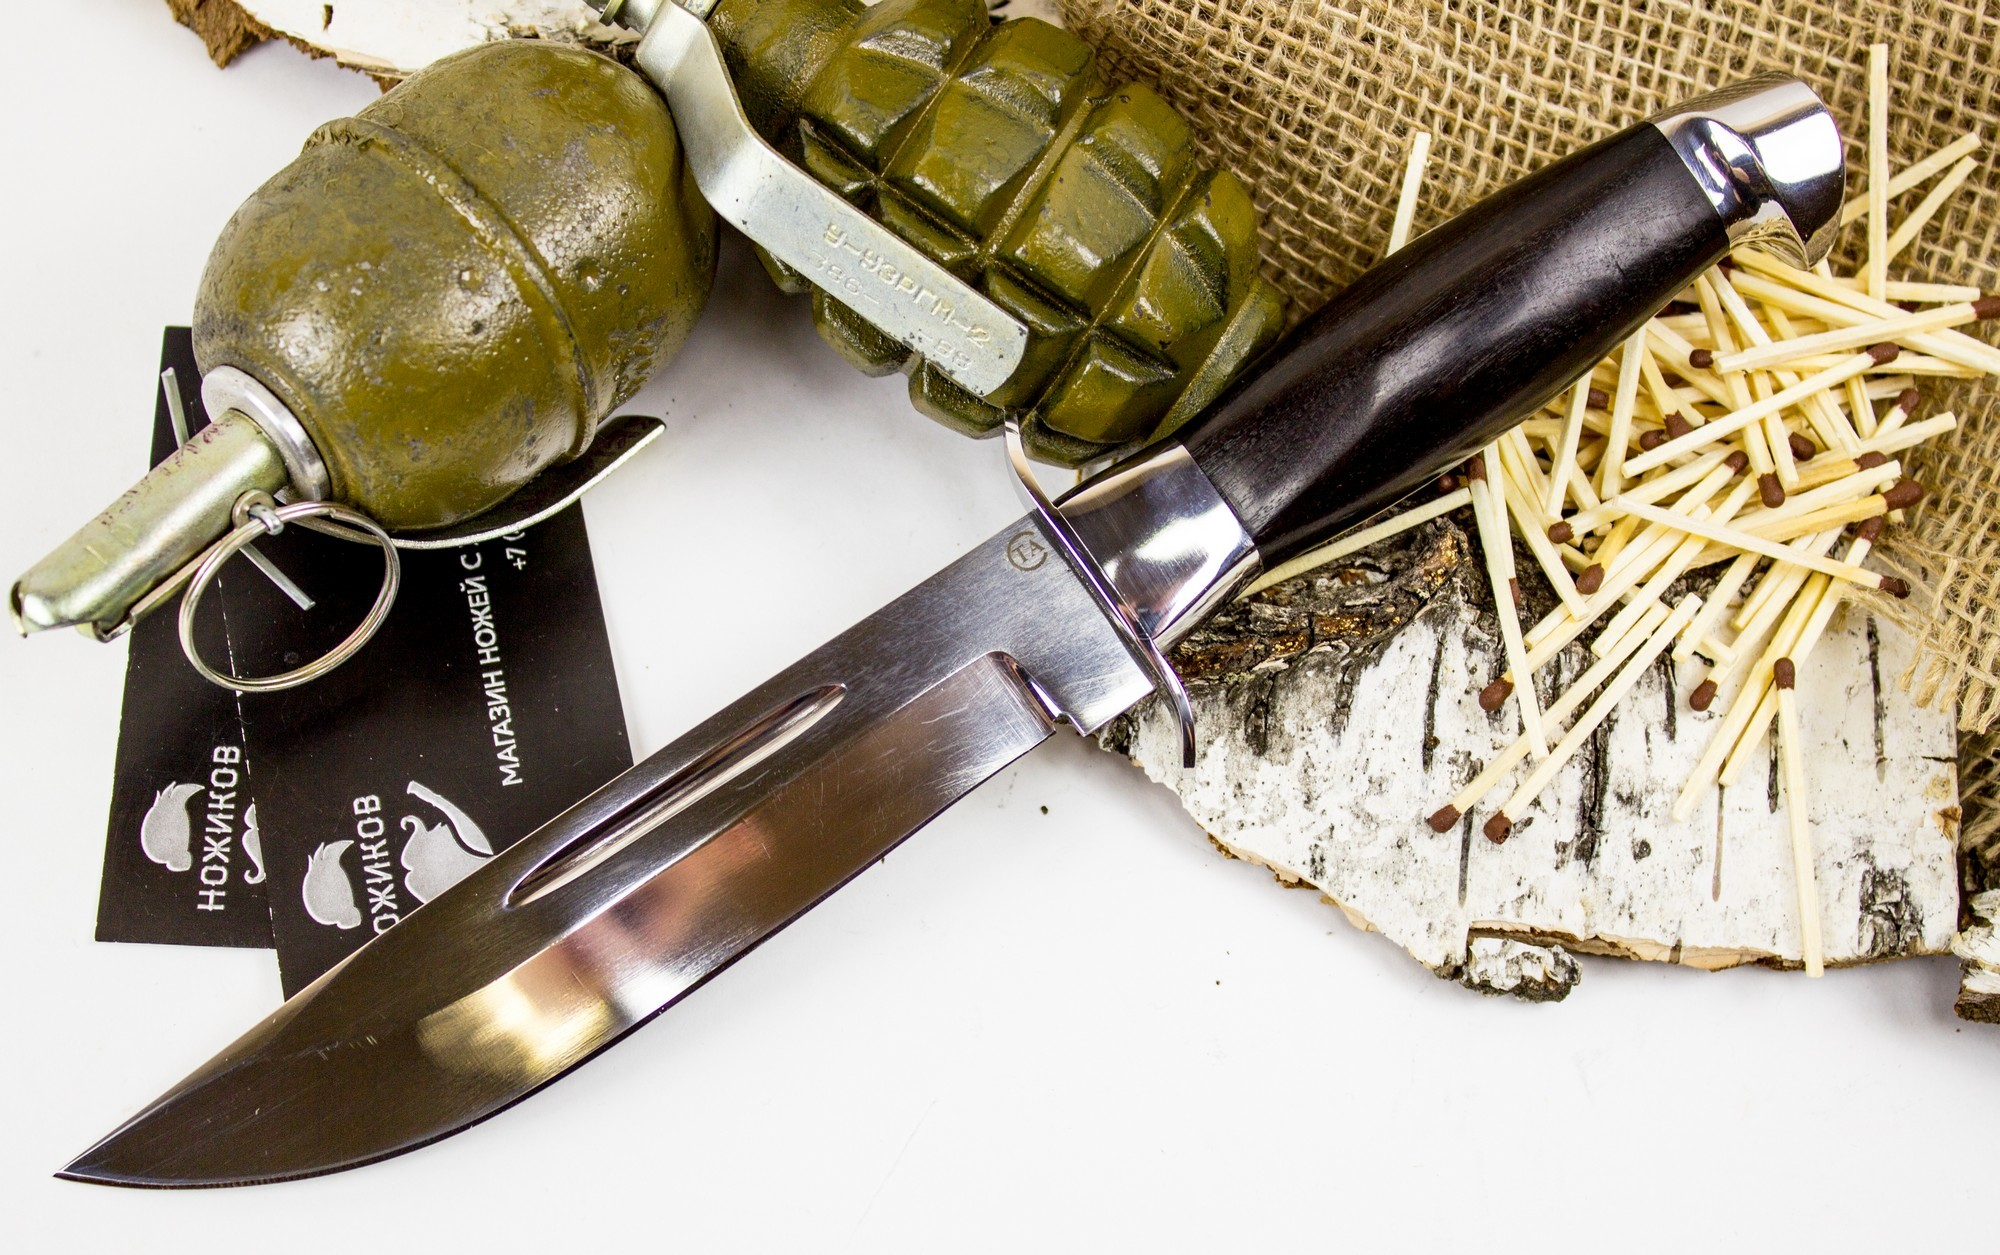 Фото 6 - Нож Макс, сталь 95х18, граб от Титов и Солдатова